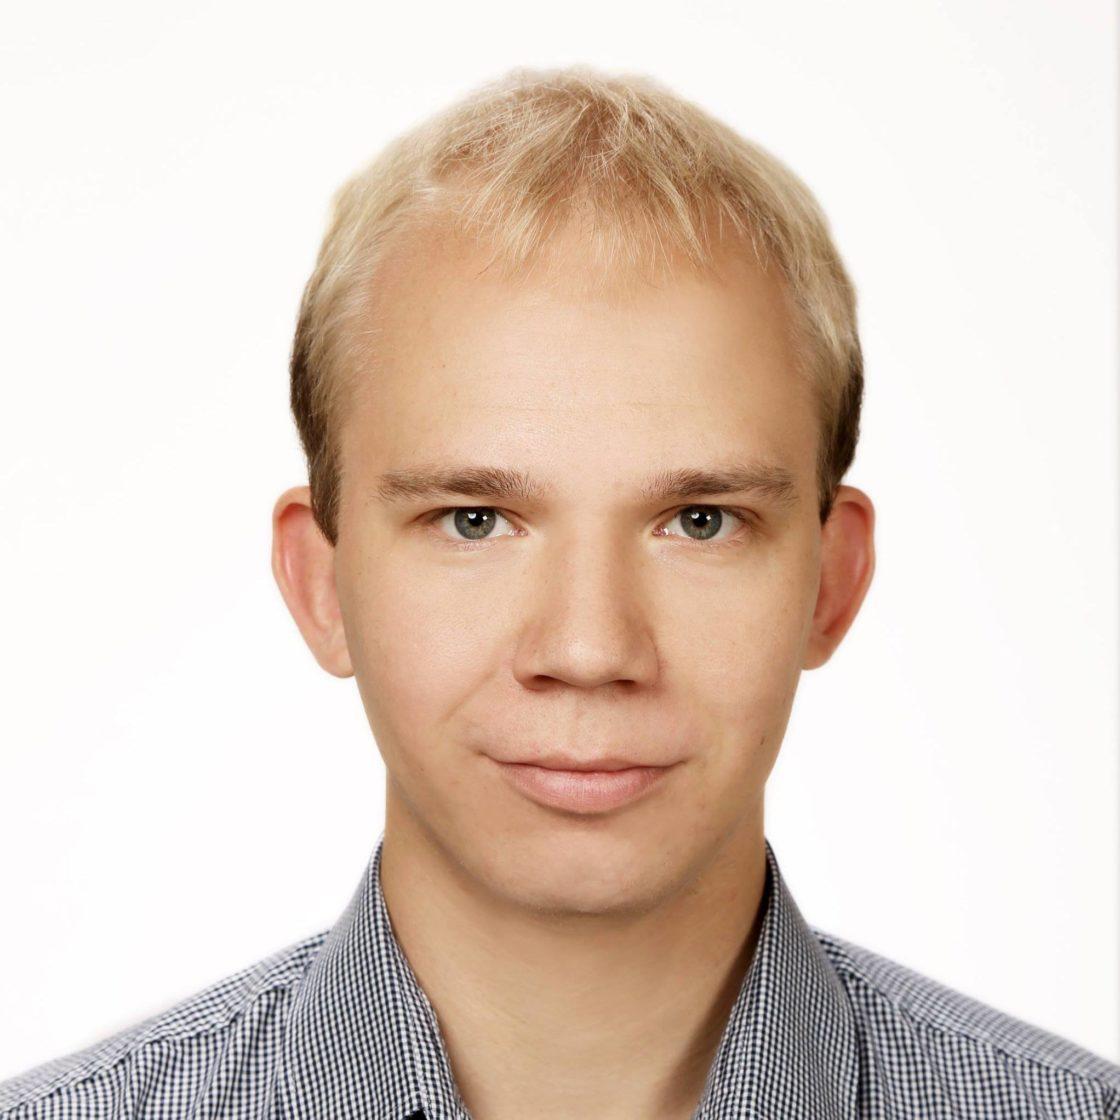 Odcinek 22 – Paweł Antkowiak, .BespokeChat